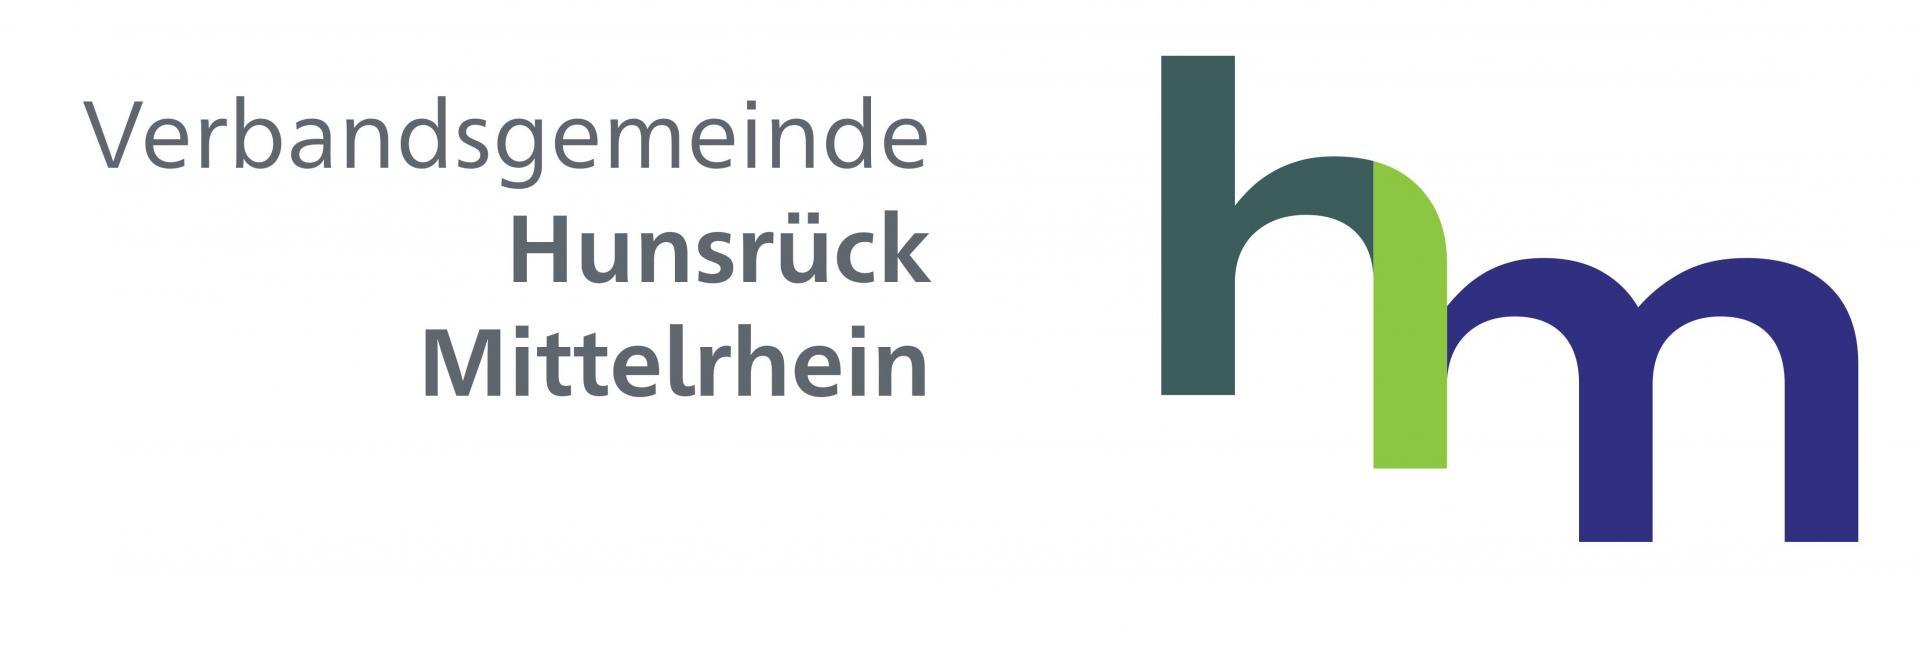 Wann öffnen Die Schulen Wieder In Rheinland Pfalz